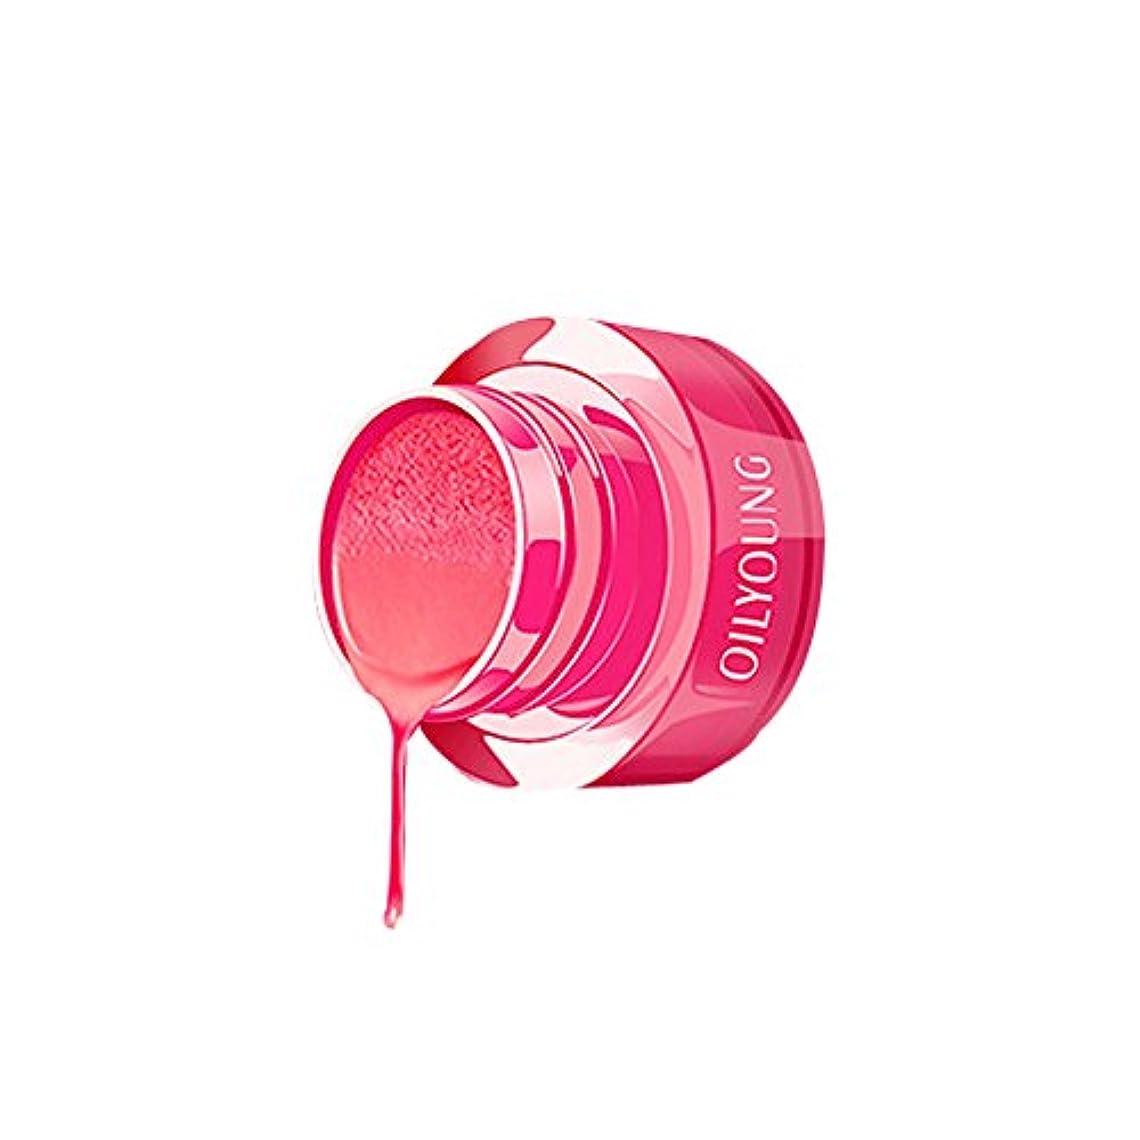 他の場所コンプリート鉄リップスティック 3グラム エアクッション口紅 ノーブル リップクリーム グラデーション 保湿 リップバーム リップグロス 化粧品 液体 水和 ツヤツヤな潤い肌の色を見せるルージュhuajuan